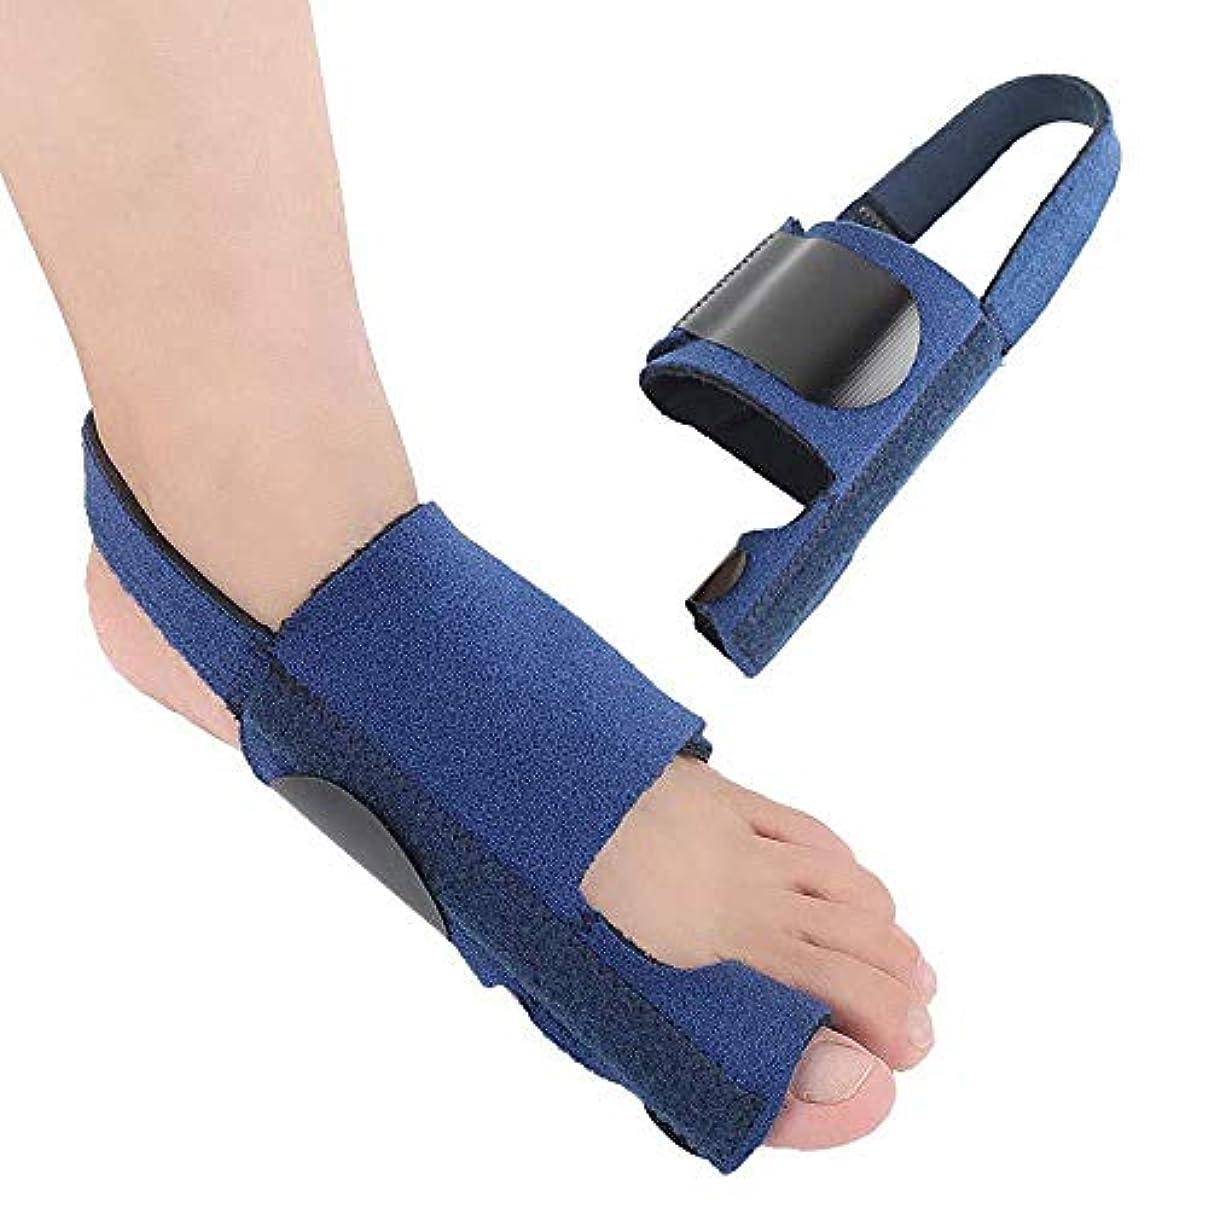 記録ドキドキ裁判官外反母ortho装具、装具アーチサポートゲル大足矯正スプリント、夜間および昼間の扁平足の痛みの緩和の男性と女性,Right Foot